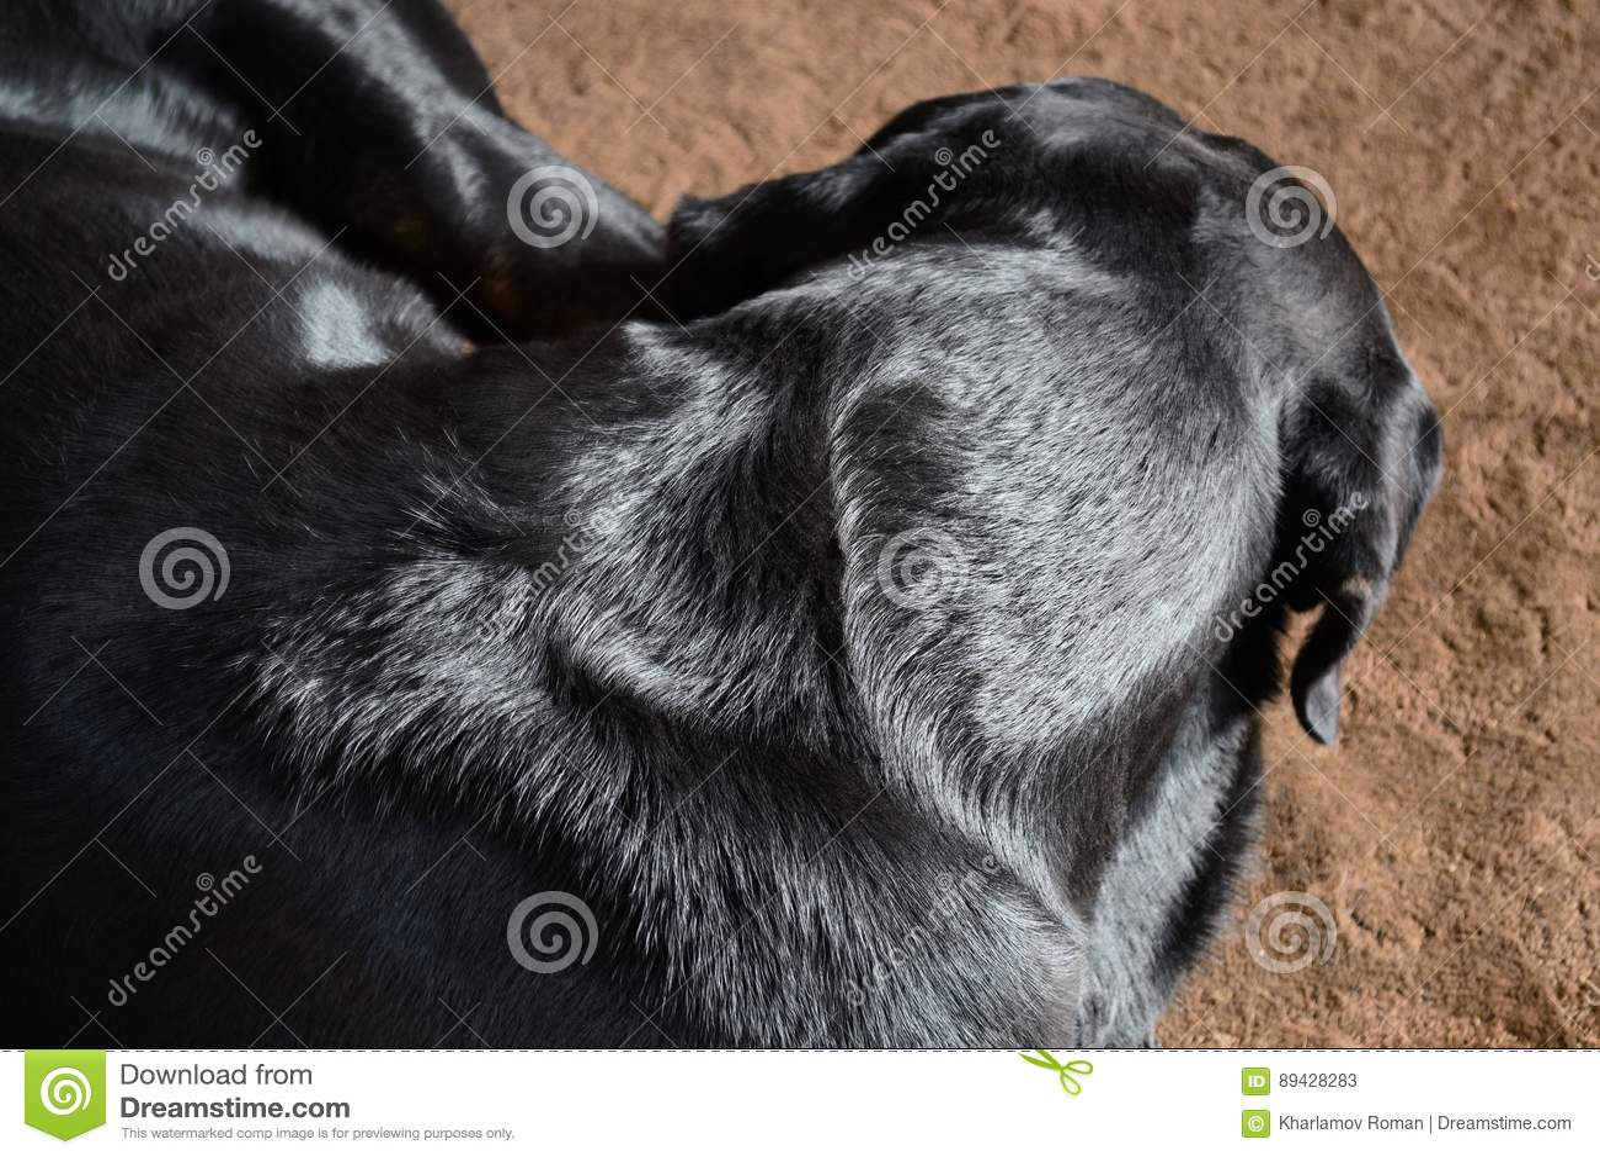 Der Hund schläft auf der Wolldecke